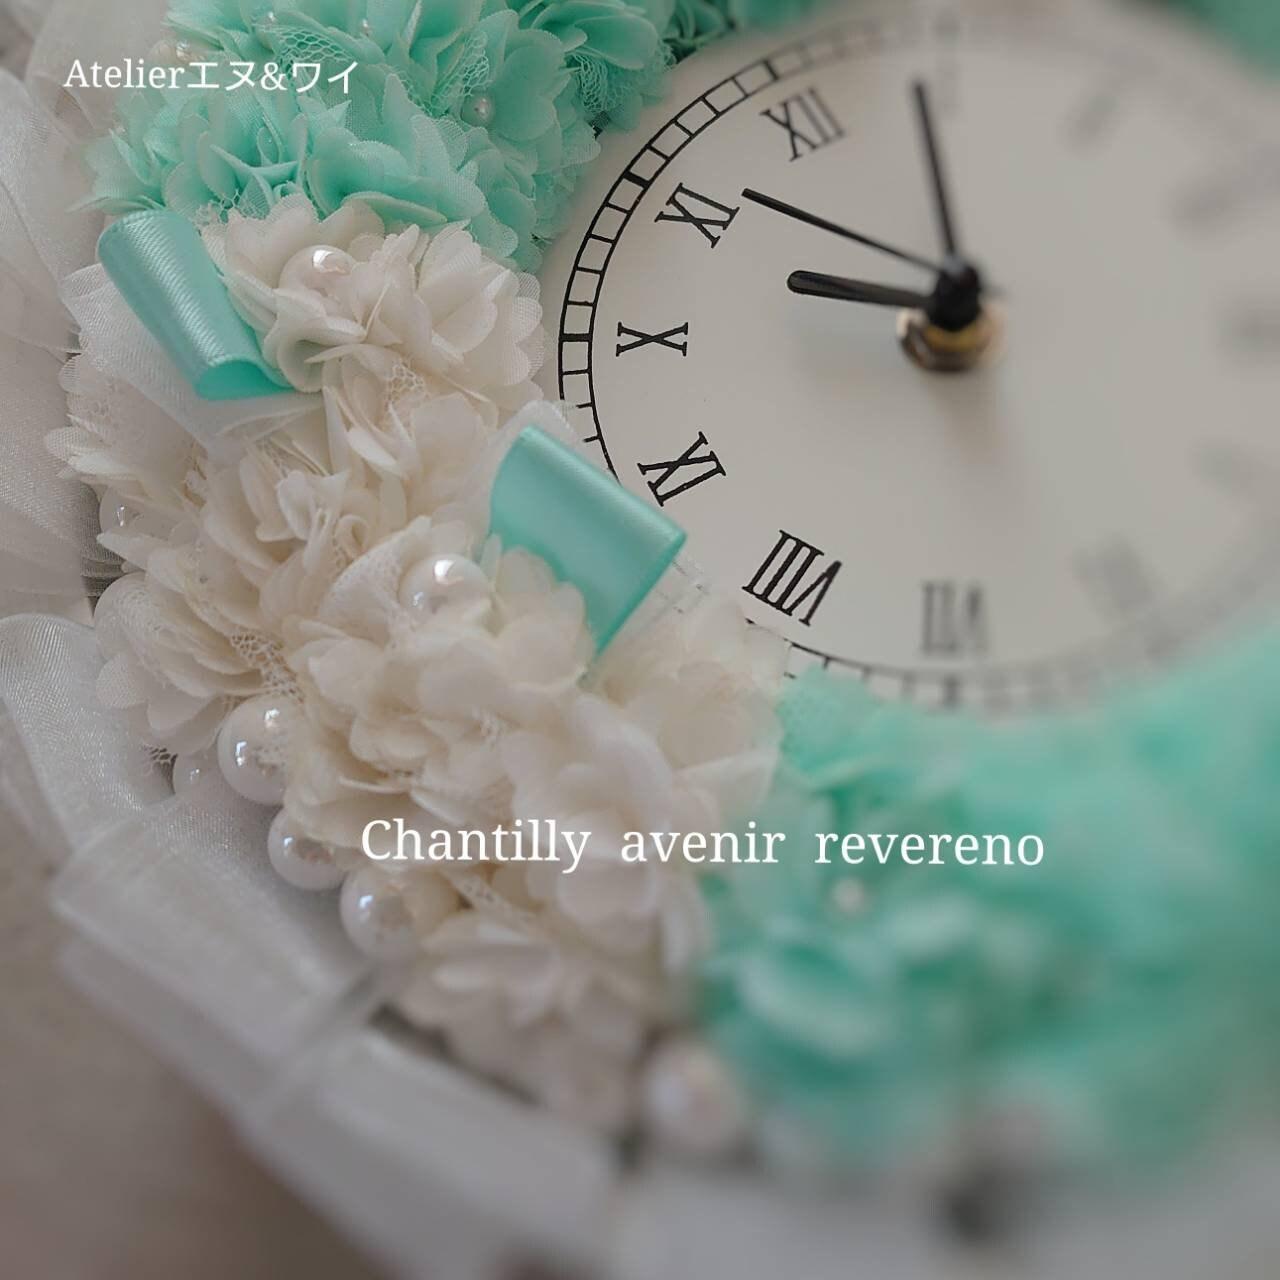 リース交換可能な時計 リベリーノシャンティ アブニール スキルアップレッスンのイメージその3